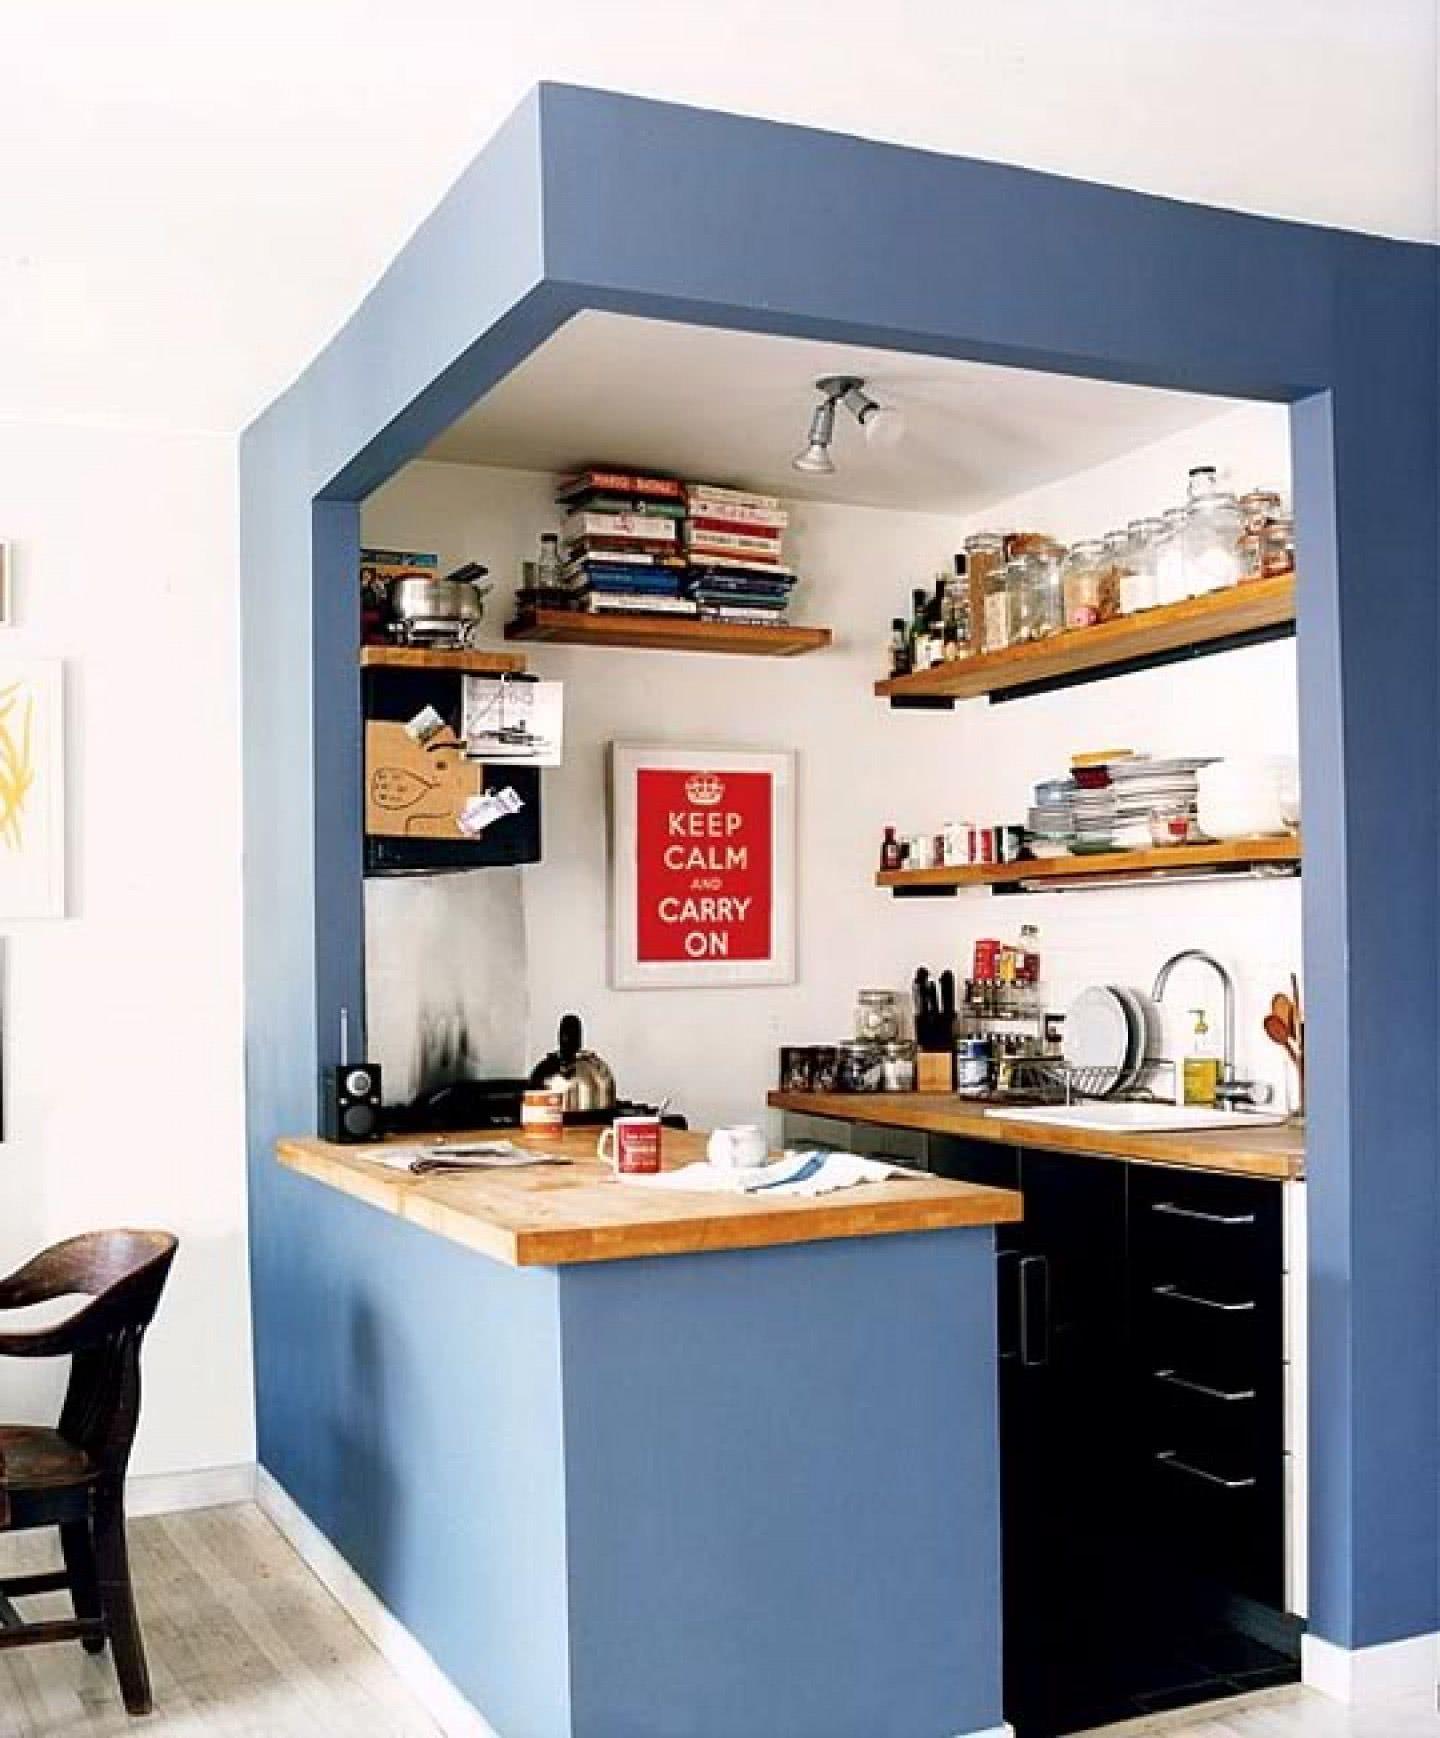 Decoração simples com armário preto, prateleira de madeira e bancada de madeira.